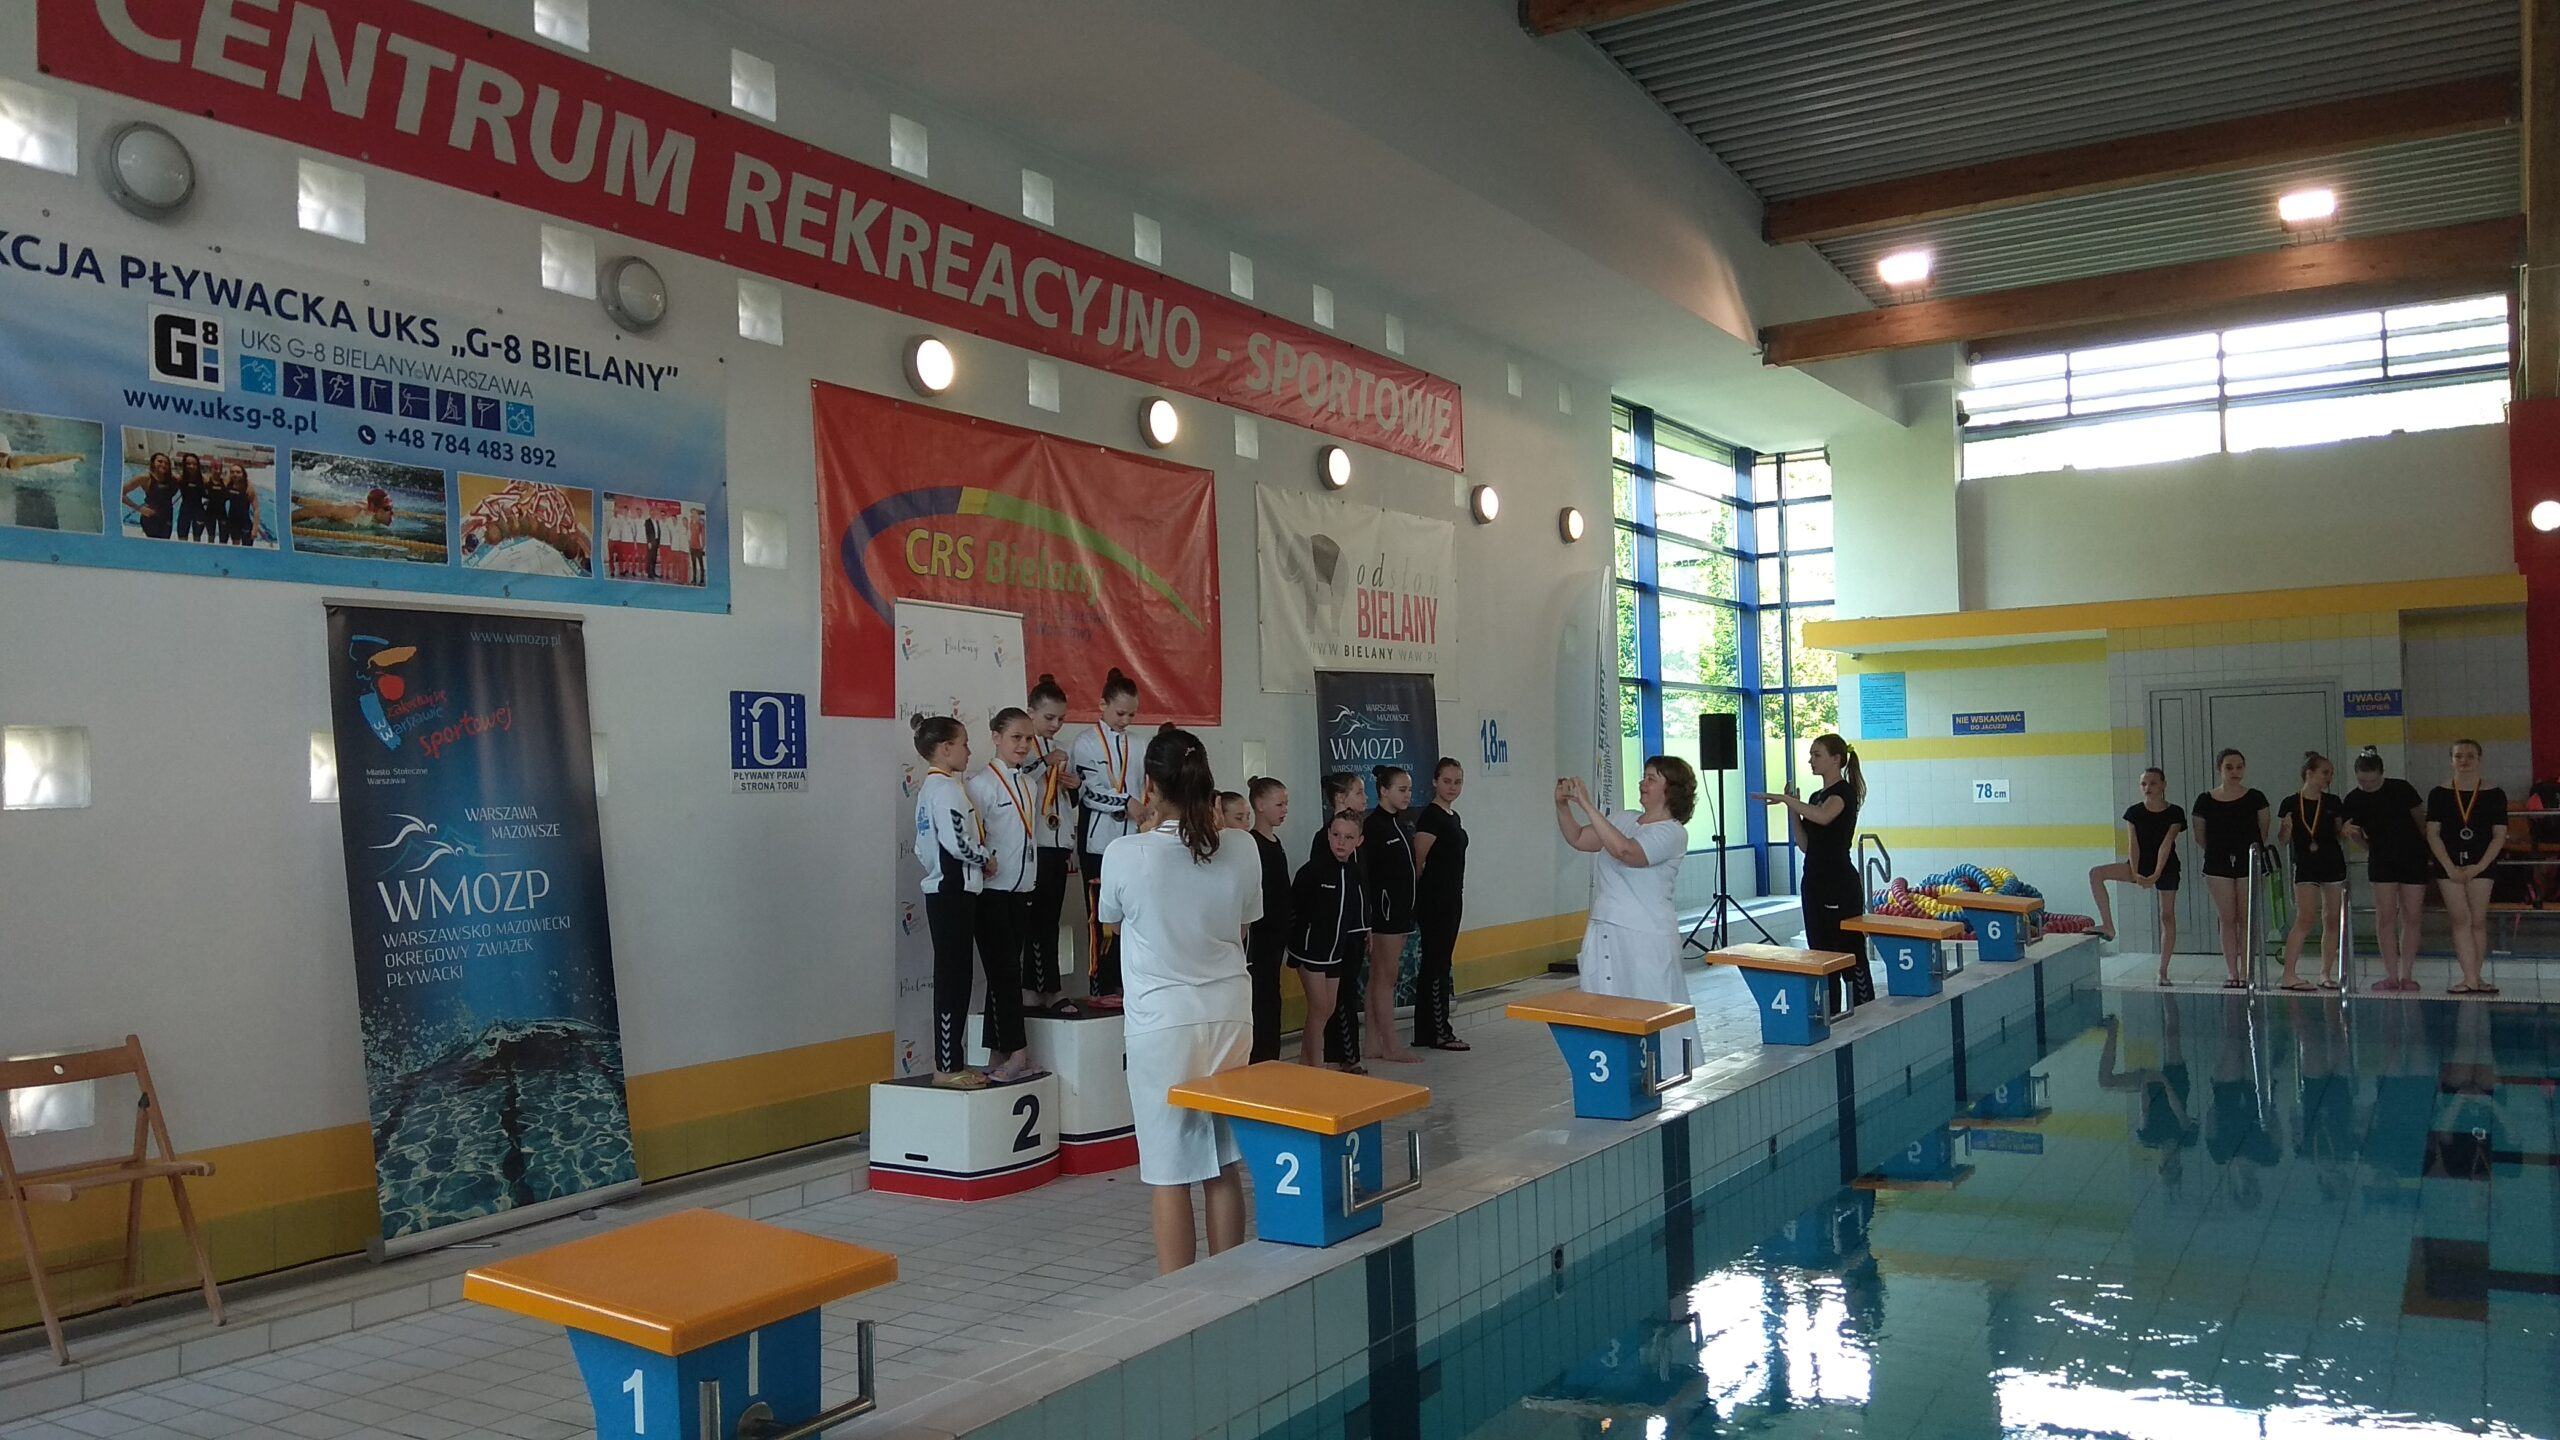 Wręczanie nagród po zawodach pływackich, pozowanie do zdjęć.